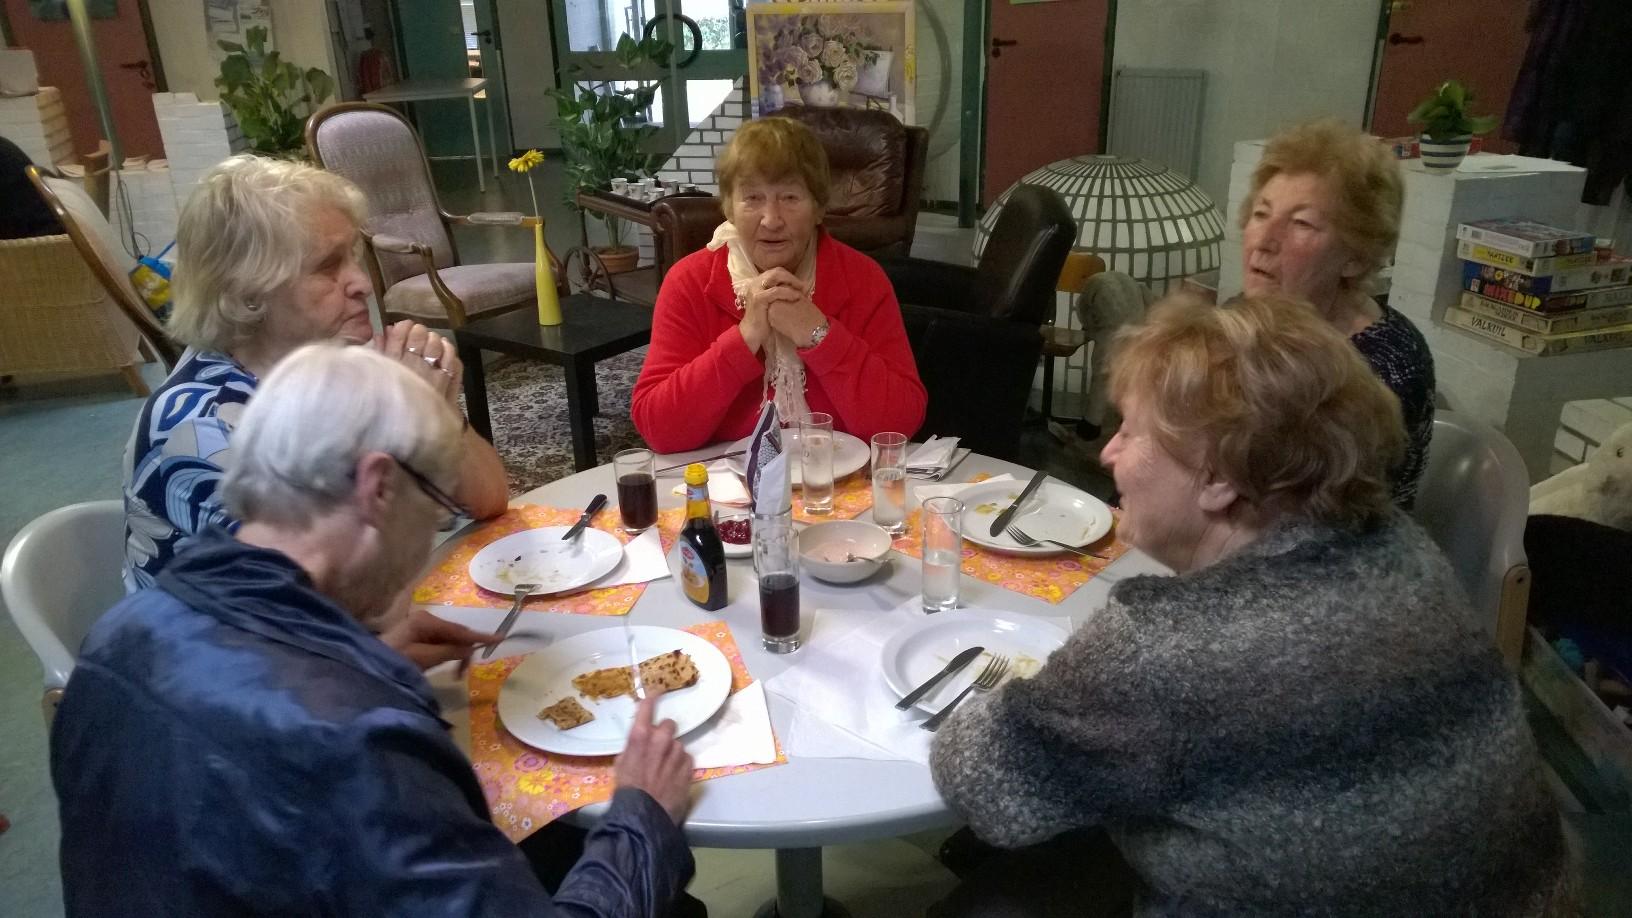 pannenkoeken eten Haarlem buurthuis